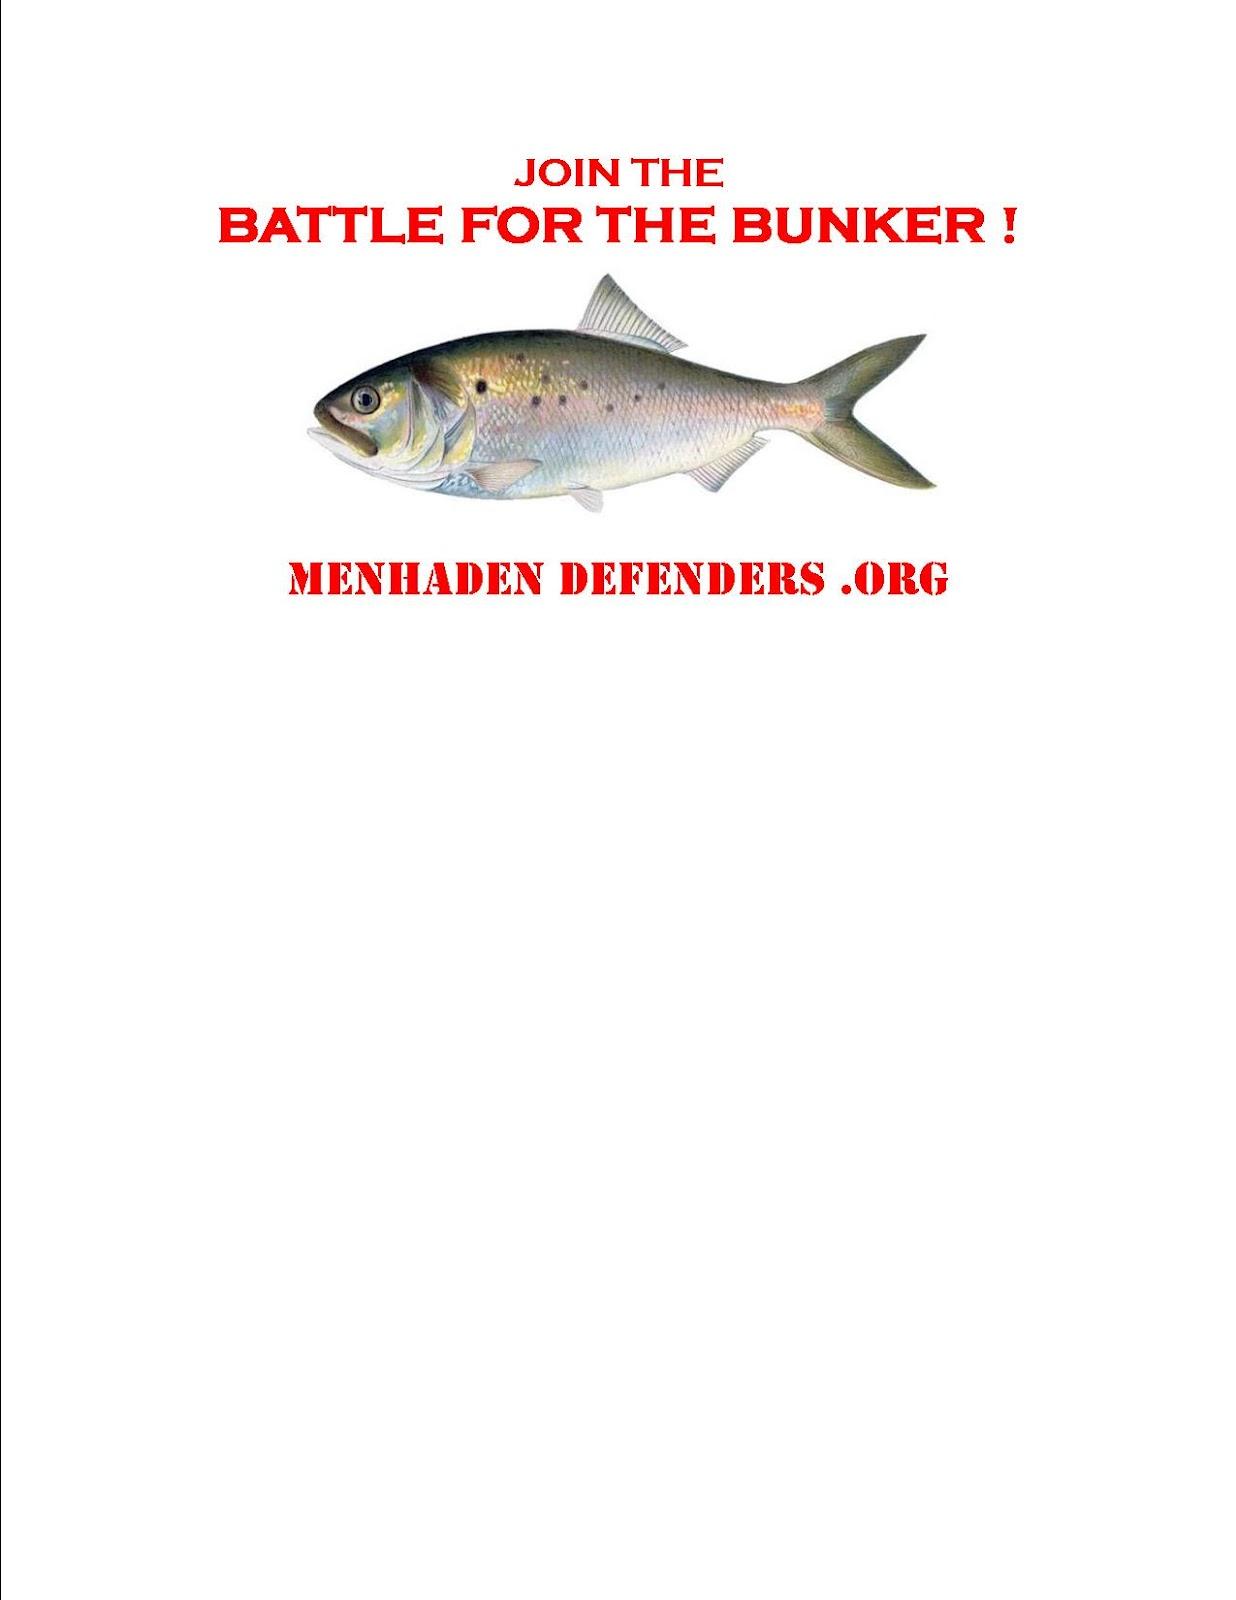 Menhaden defenders mini needs menhaden for Menhaden fish meal